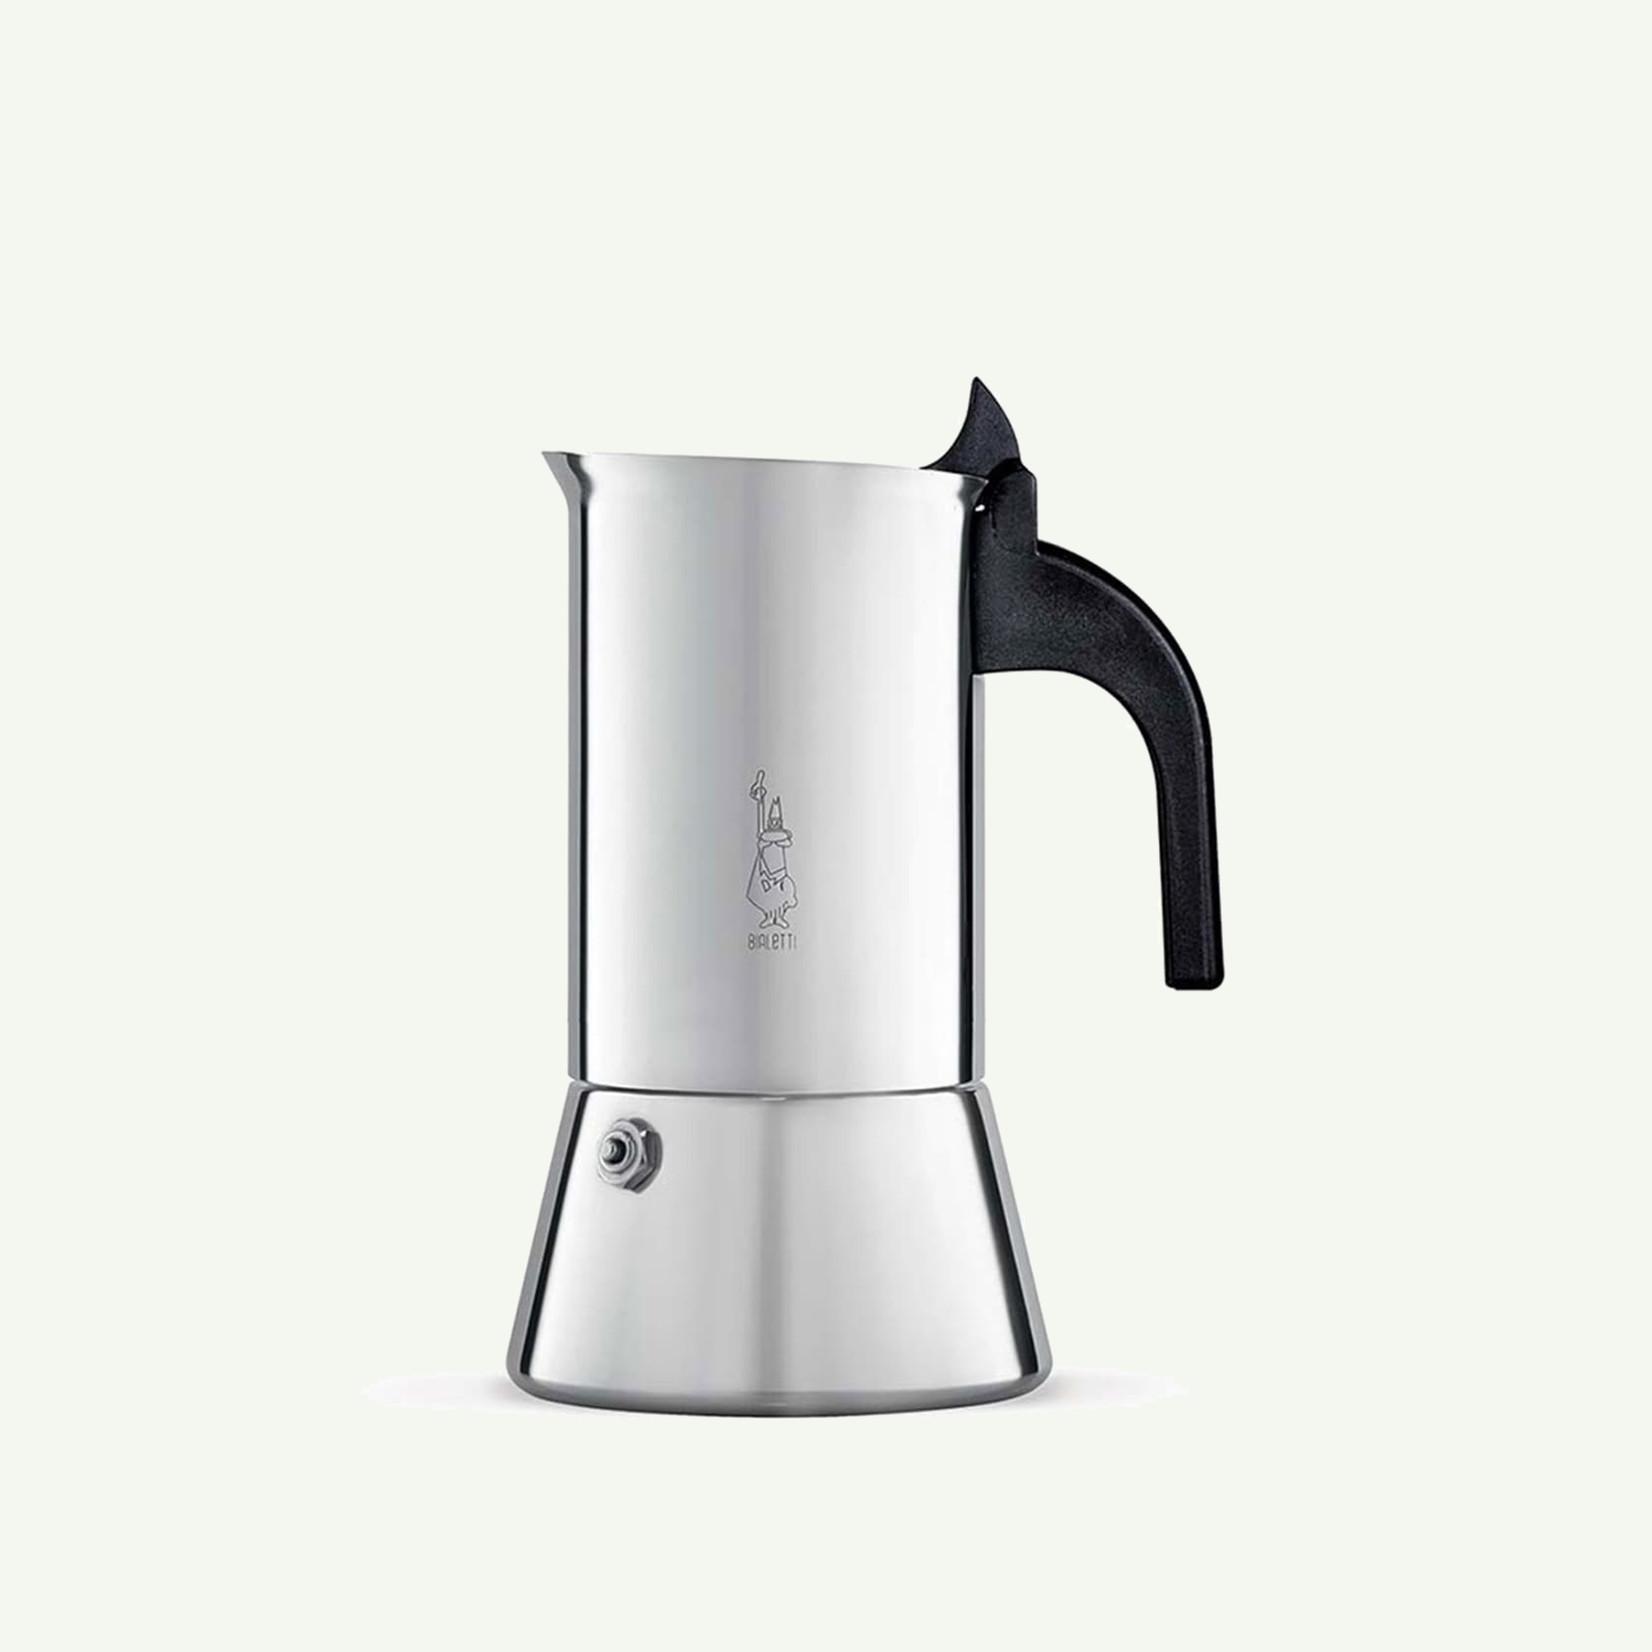 Bialetti Bialetti Inox Venus  2 cups